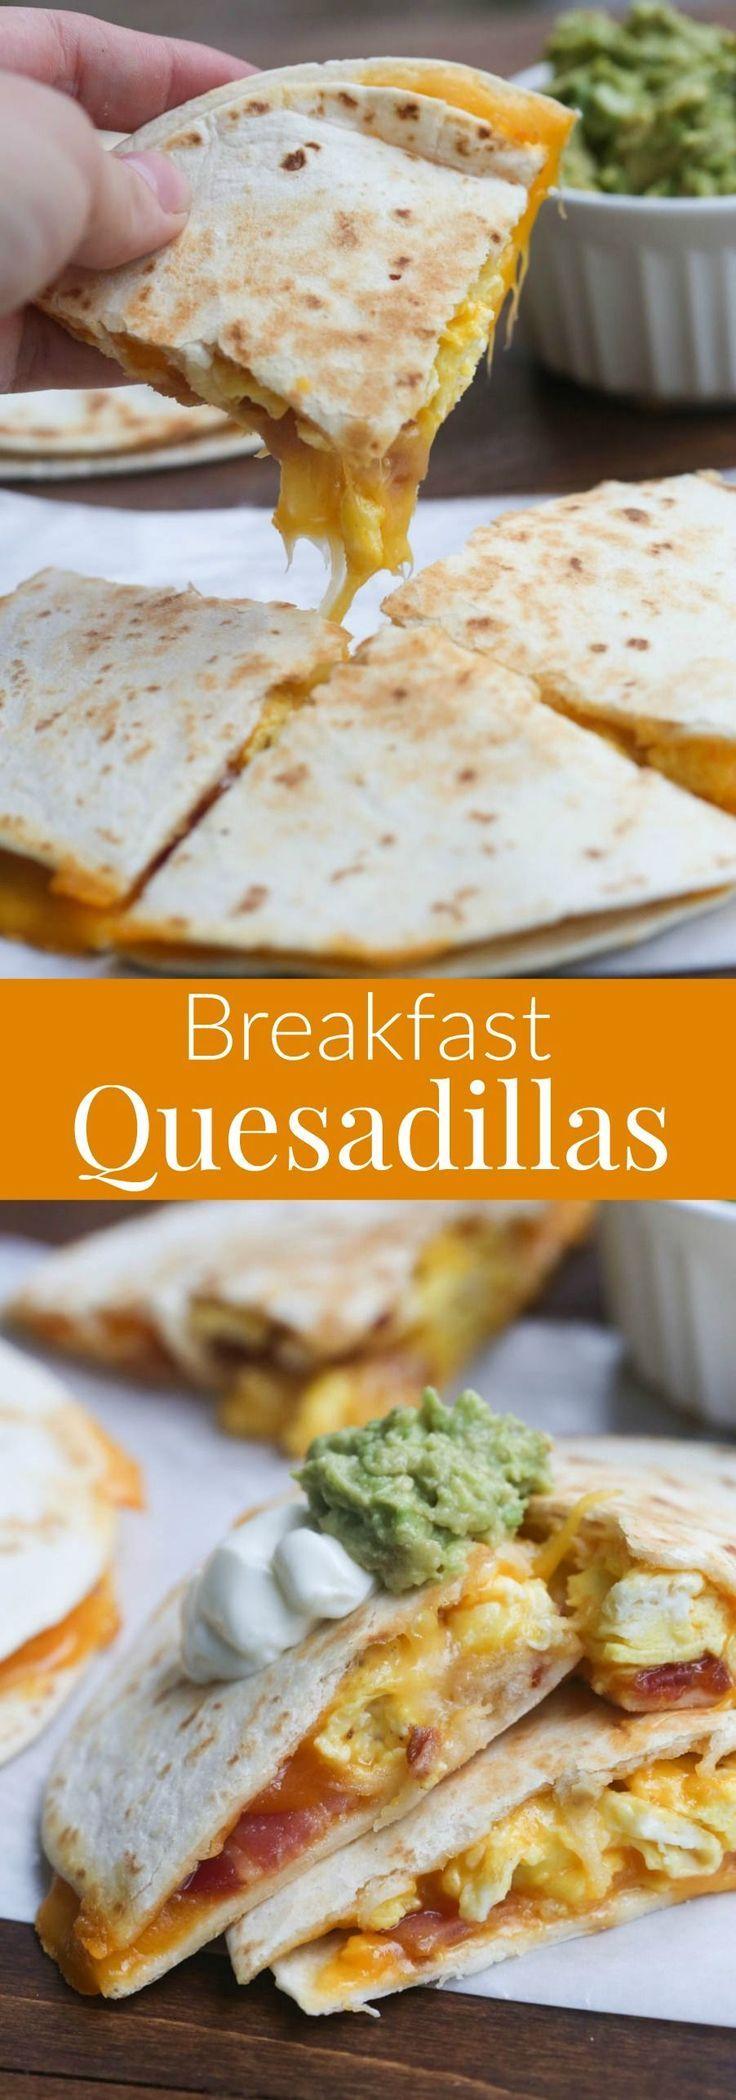 Frühstück Quesadillas Diese flauschigen Zimtschnecken haben einen Zimtstrudel ... - New Ideas #dinnerideas2019